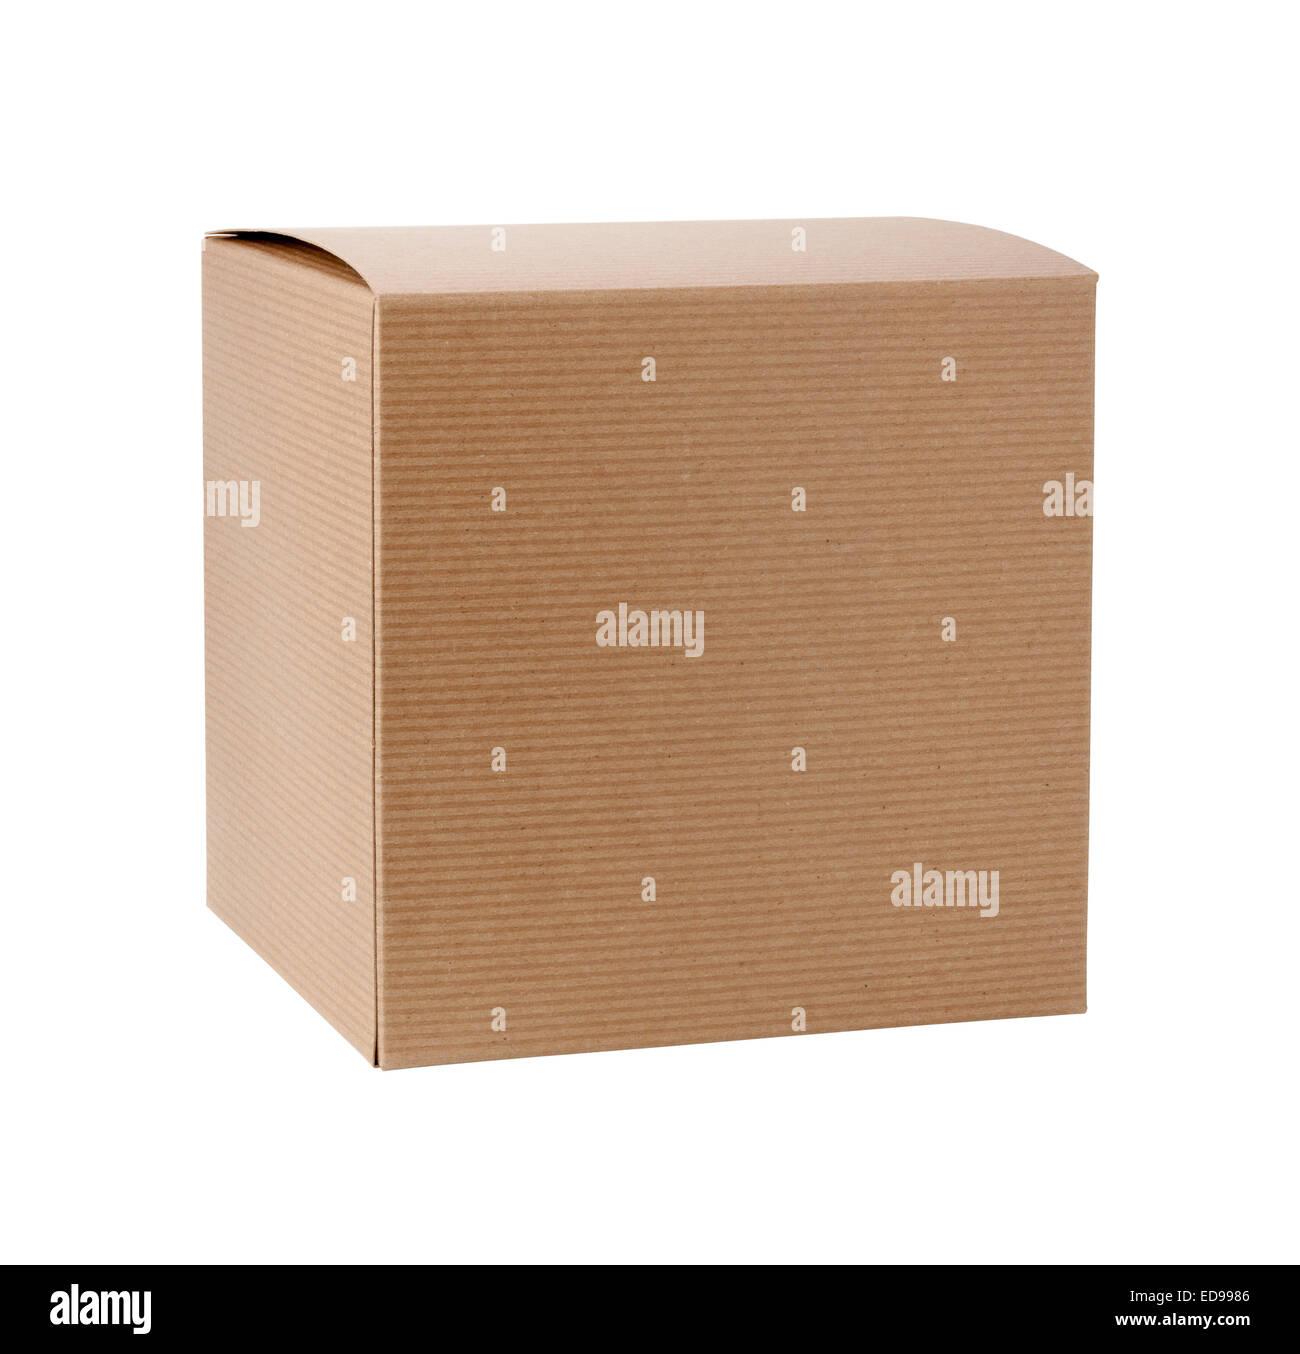 Geschenk-Karton isoliert auf weißem Quadrat Stockbild